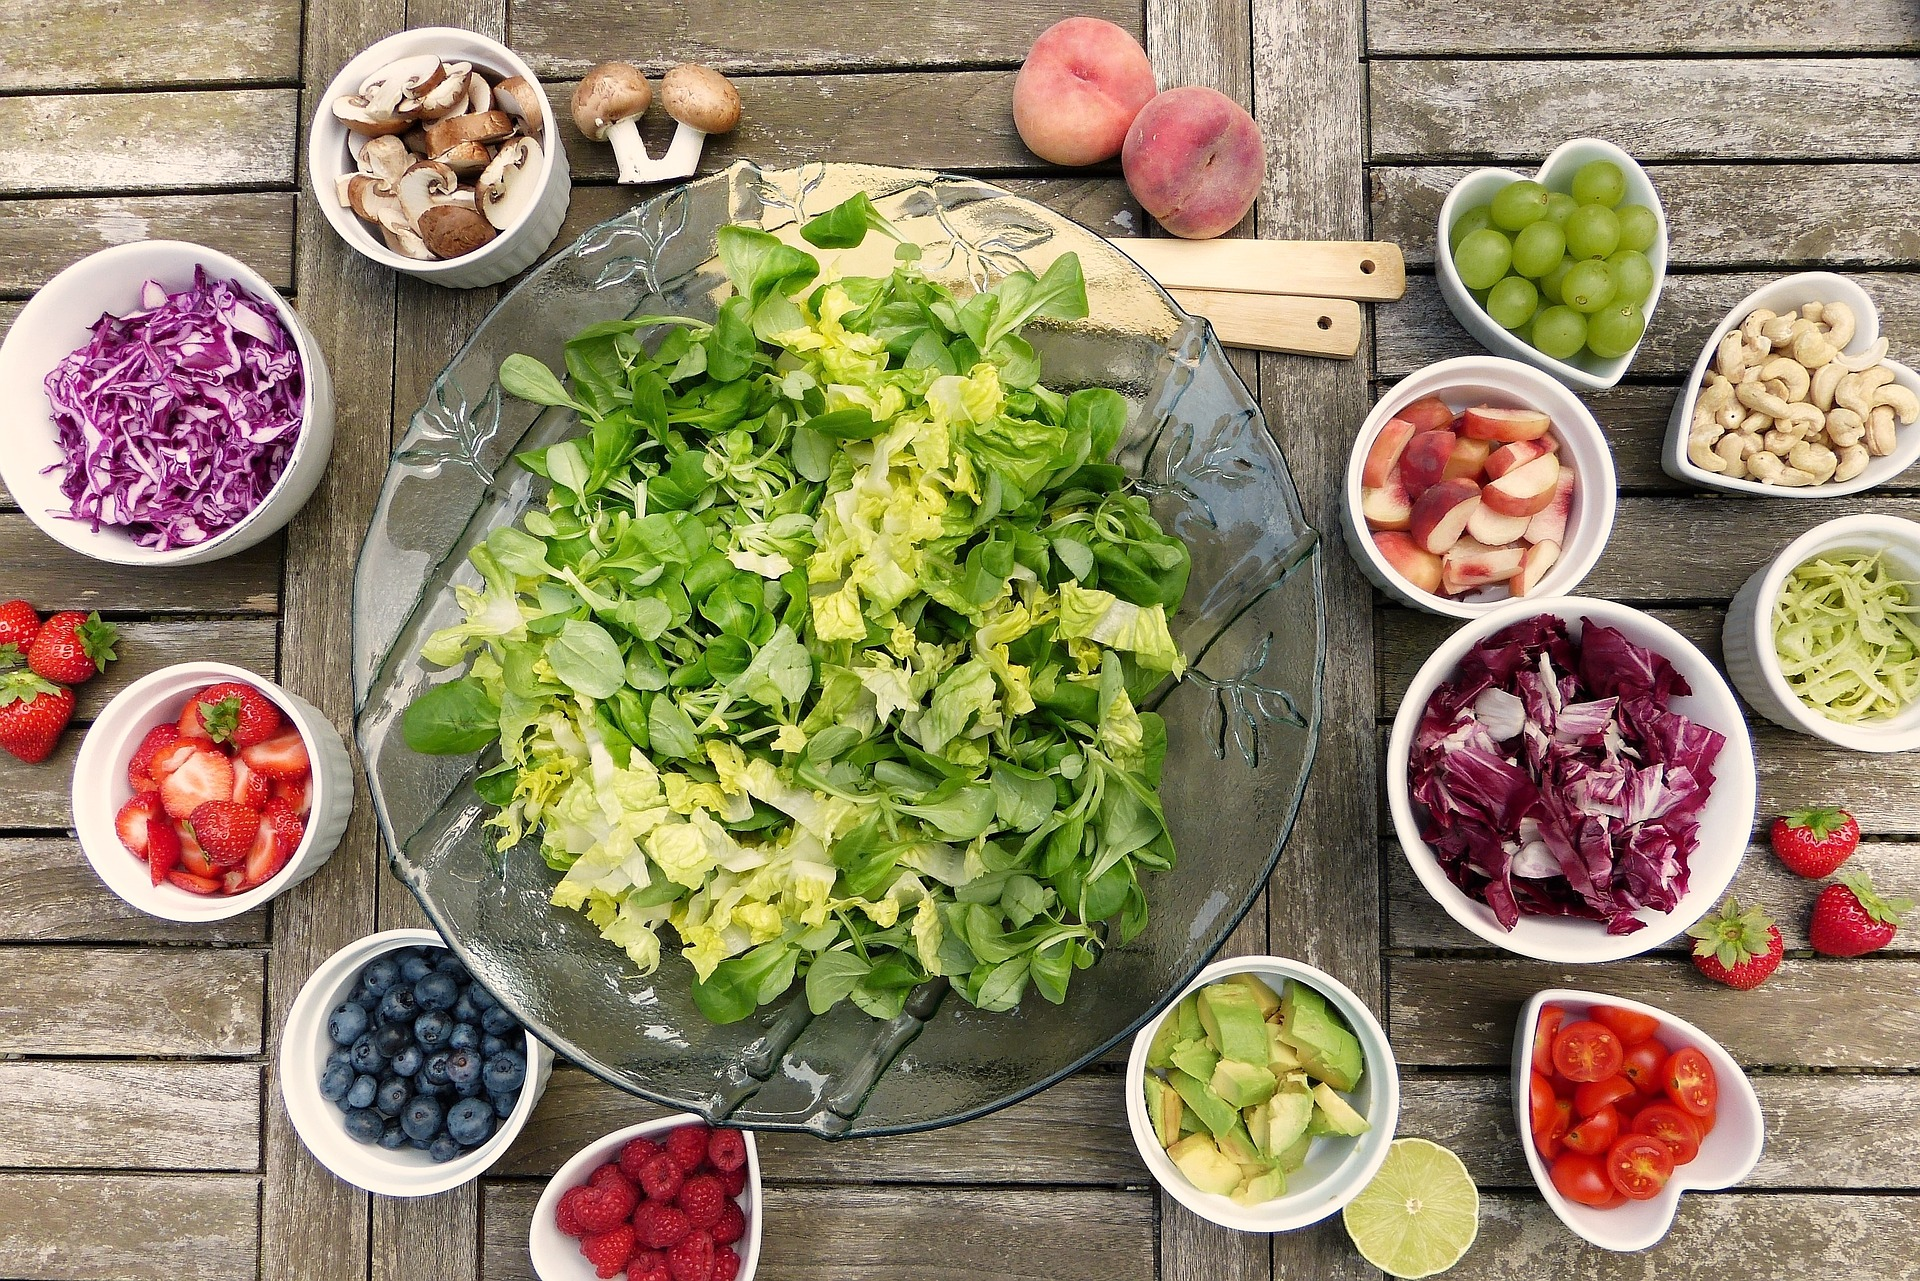 Rééquilibrage alimentaire - Nutritionniste Diététicienne à domicile